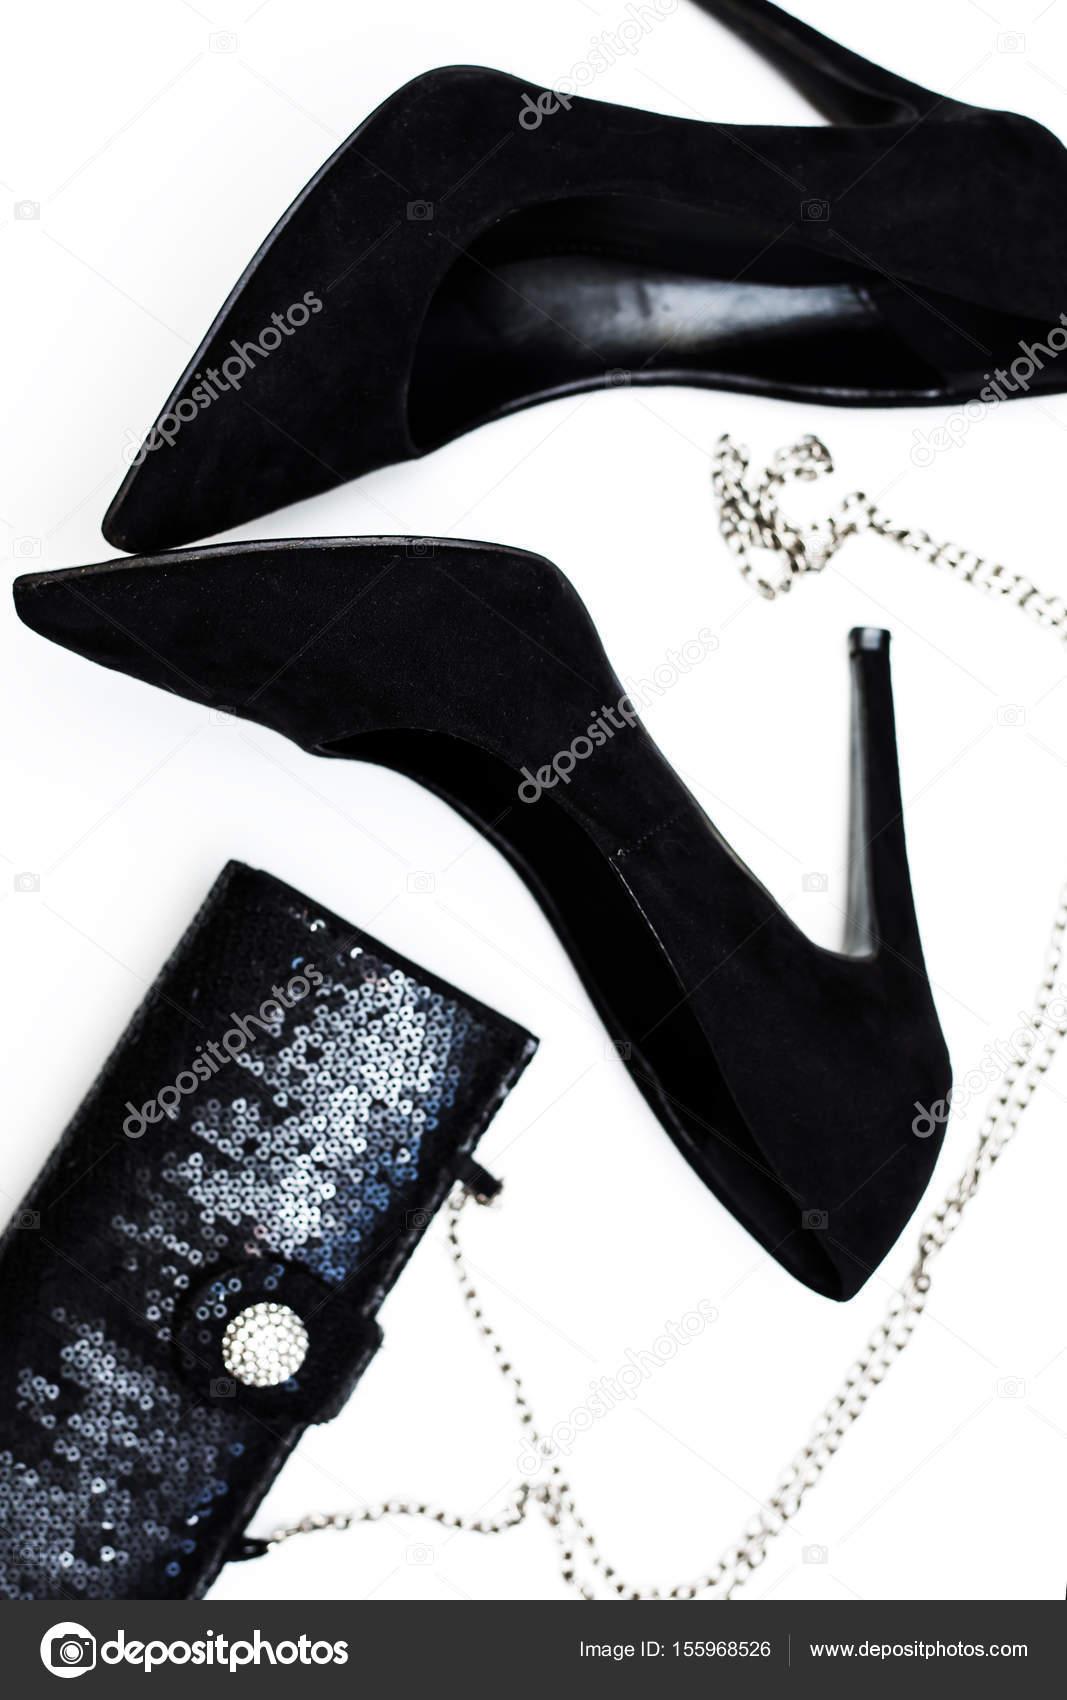 1635b2700a8 Γυναικεία μαύρα παπούτσια μόδας με τσάντα — Φωτογραφία Αρχείου ...